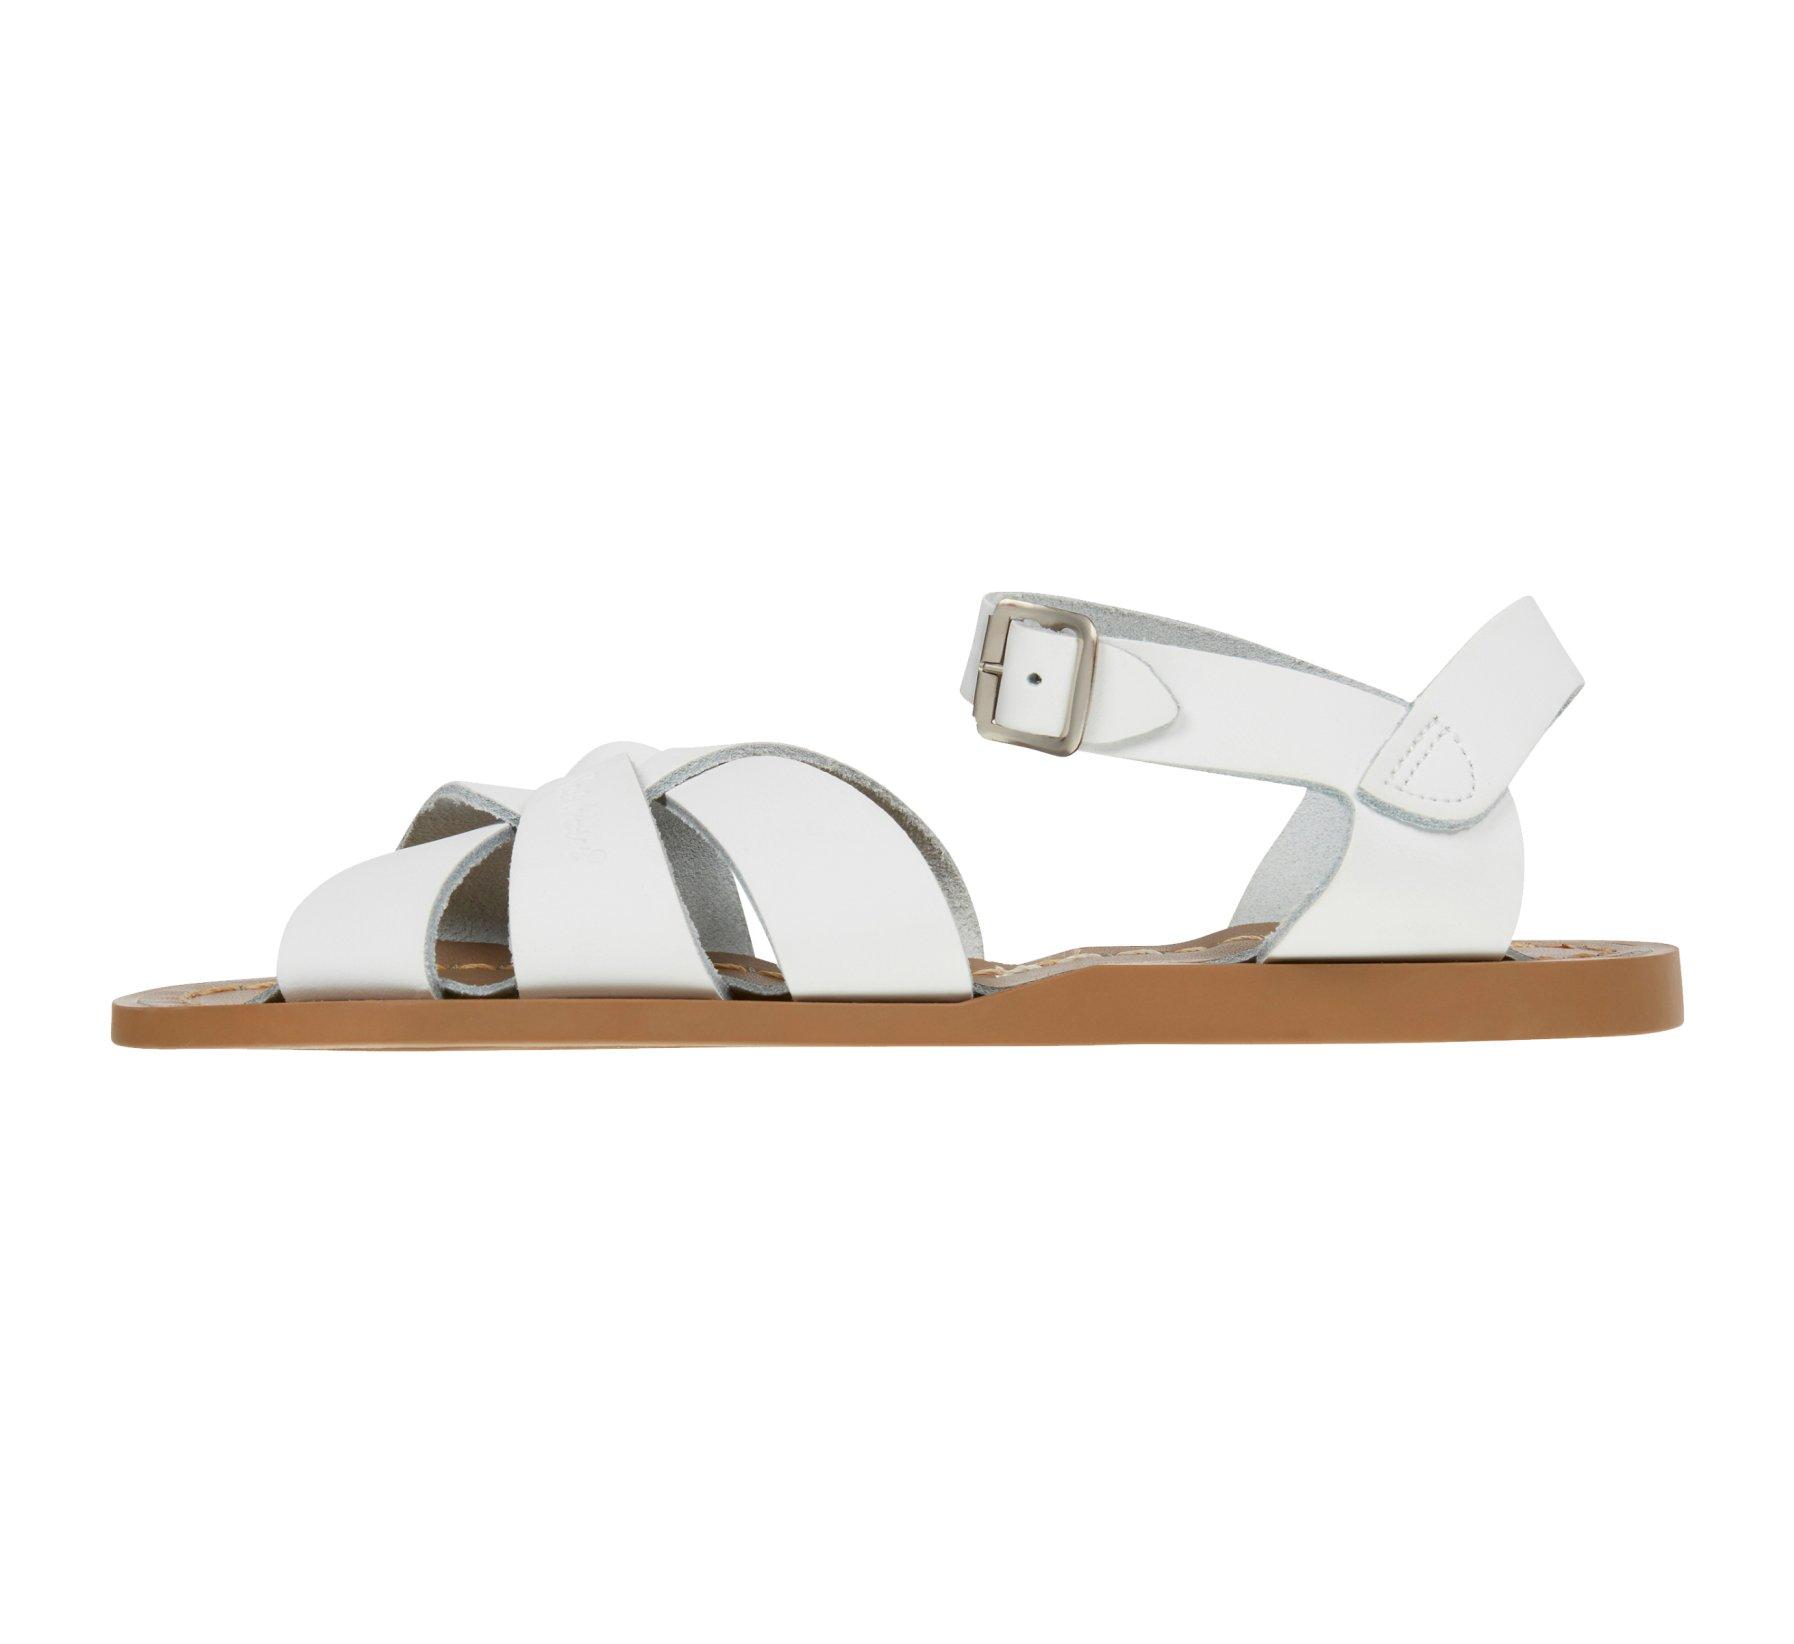 Original Putih - Salt Water Sandals